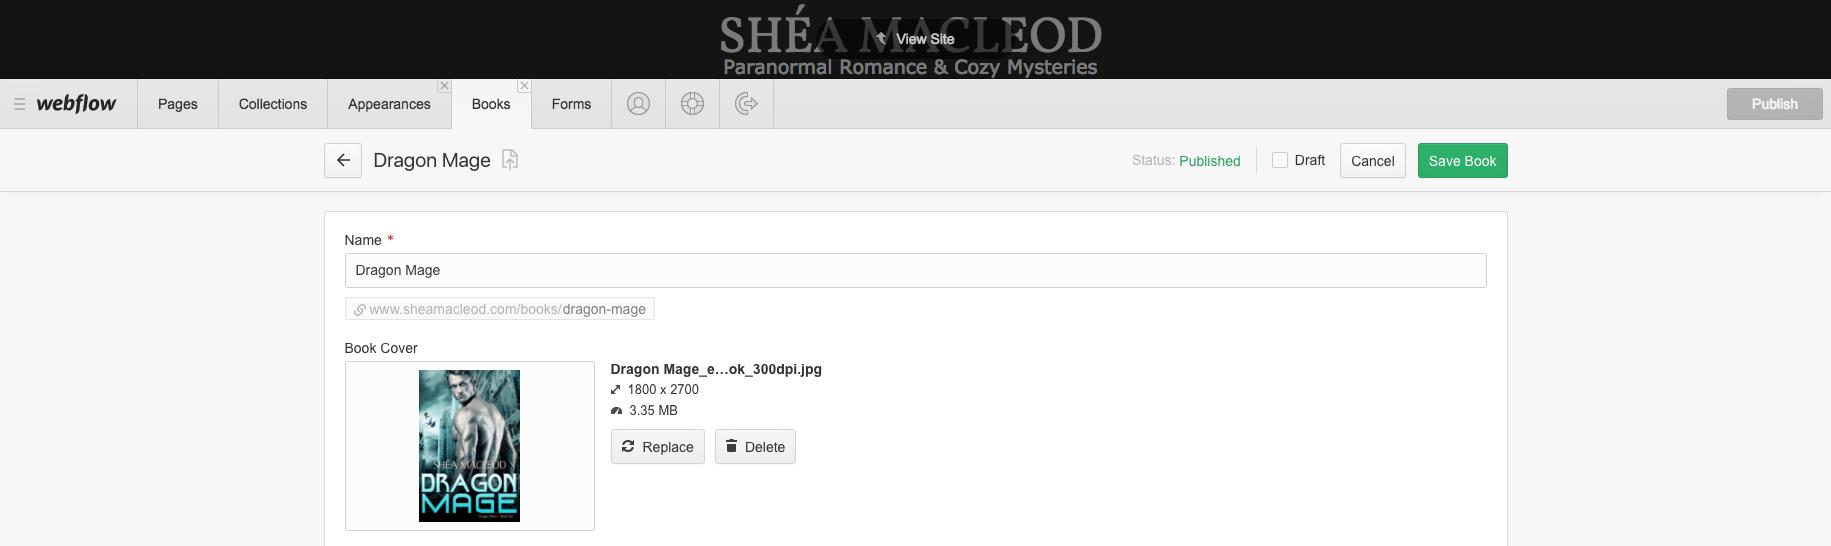 Shéa MacLeod   CMS Creating/Editing